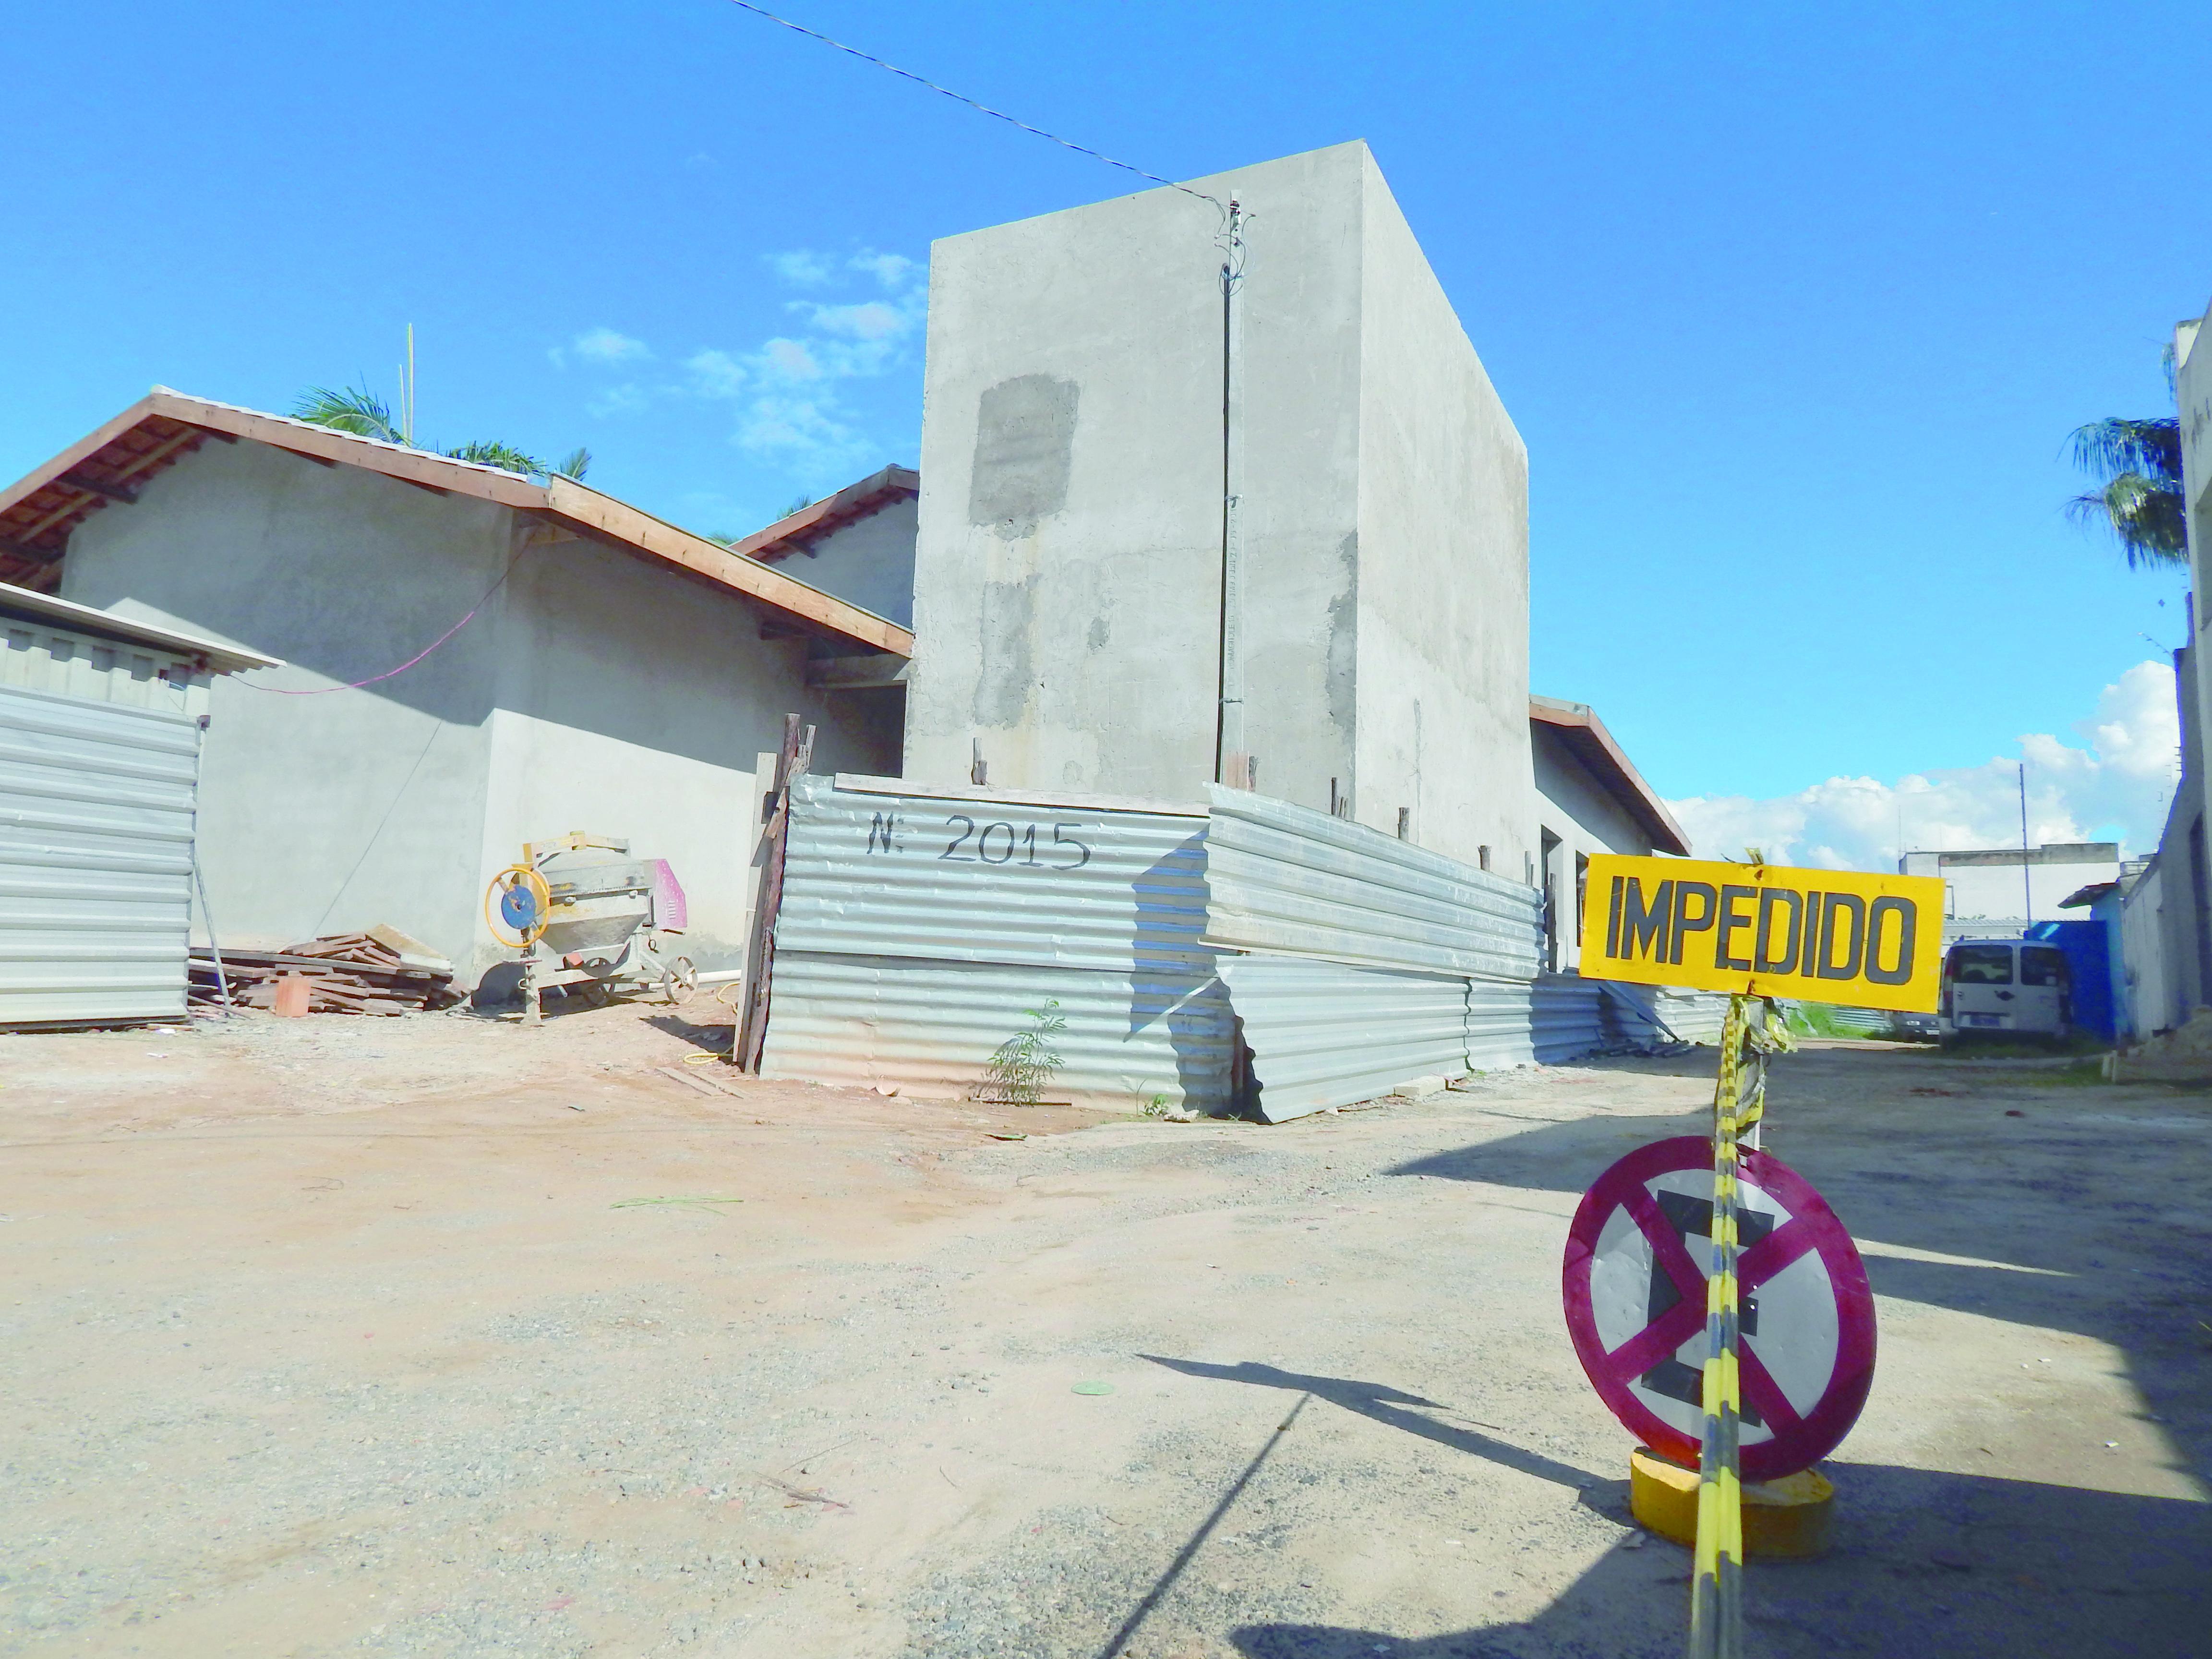 Unidade educacional que deverá atender os bairros, ainda em fase de construção, provoca lista de espera (Leandro Oliveira)